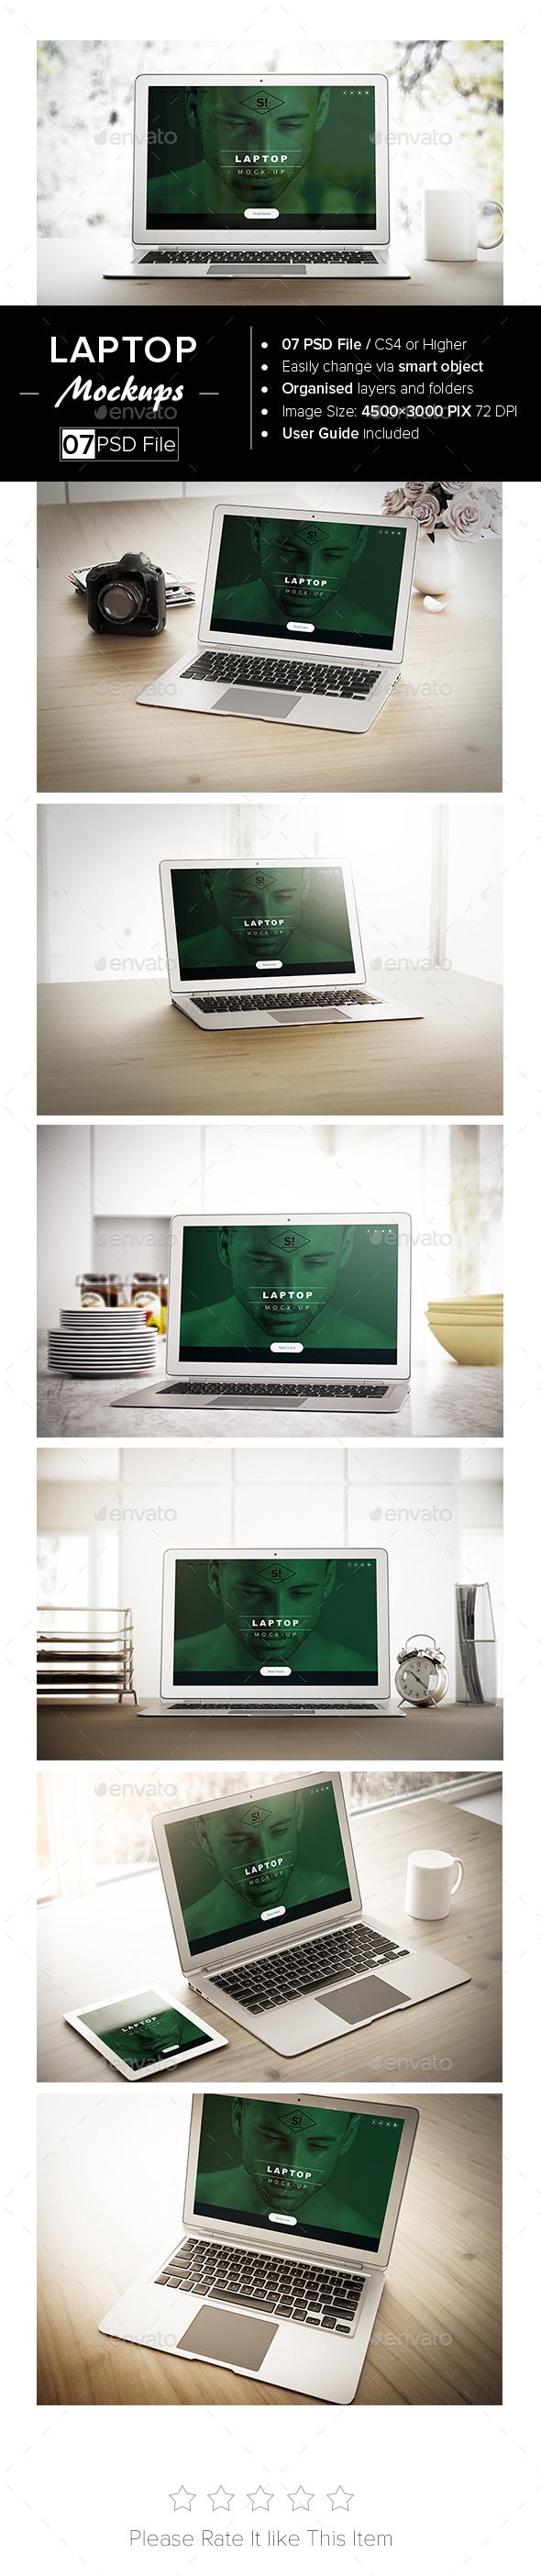 Laptop Mock-Up - Laptop Displays